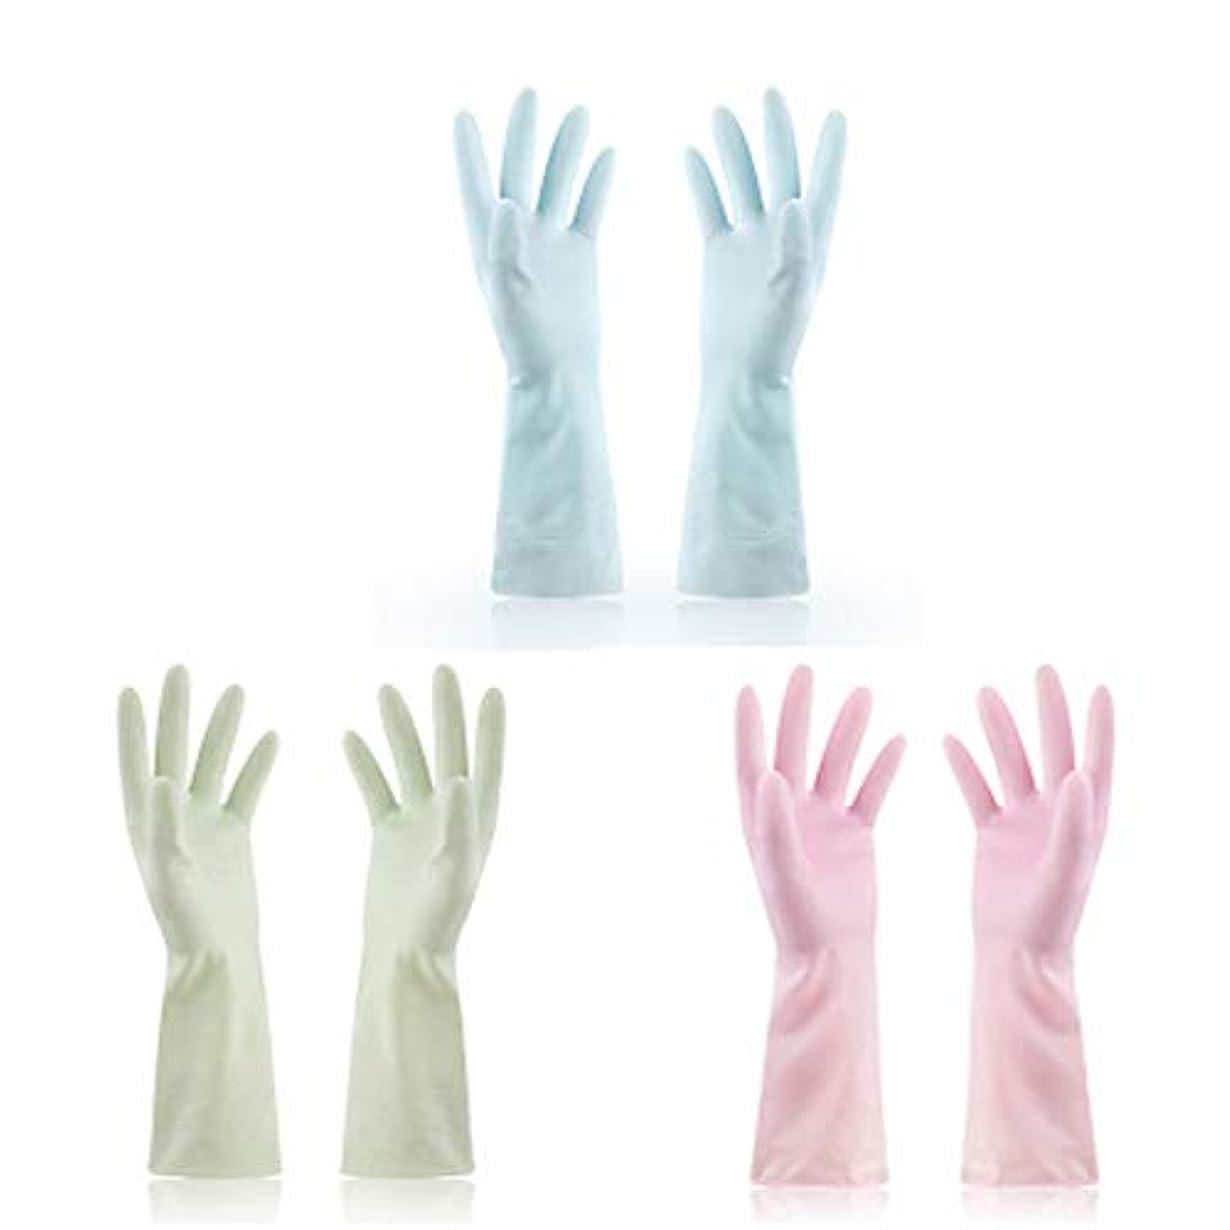 ストライド遊びます激怒使い捨て手袋 使い捨て手袋防水ラテックス焦げ付き防止ゴム製ゴム製台所手袋、3組 ニトリルゴム手袋 (Color : Multi-colored, Size : M)